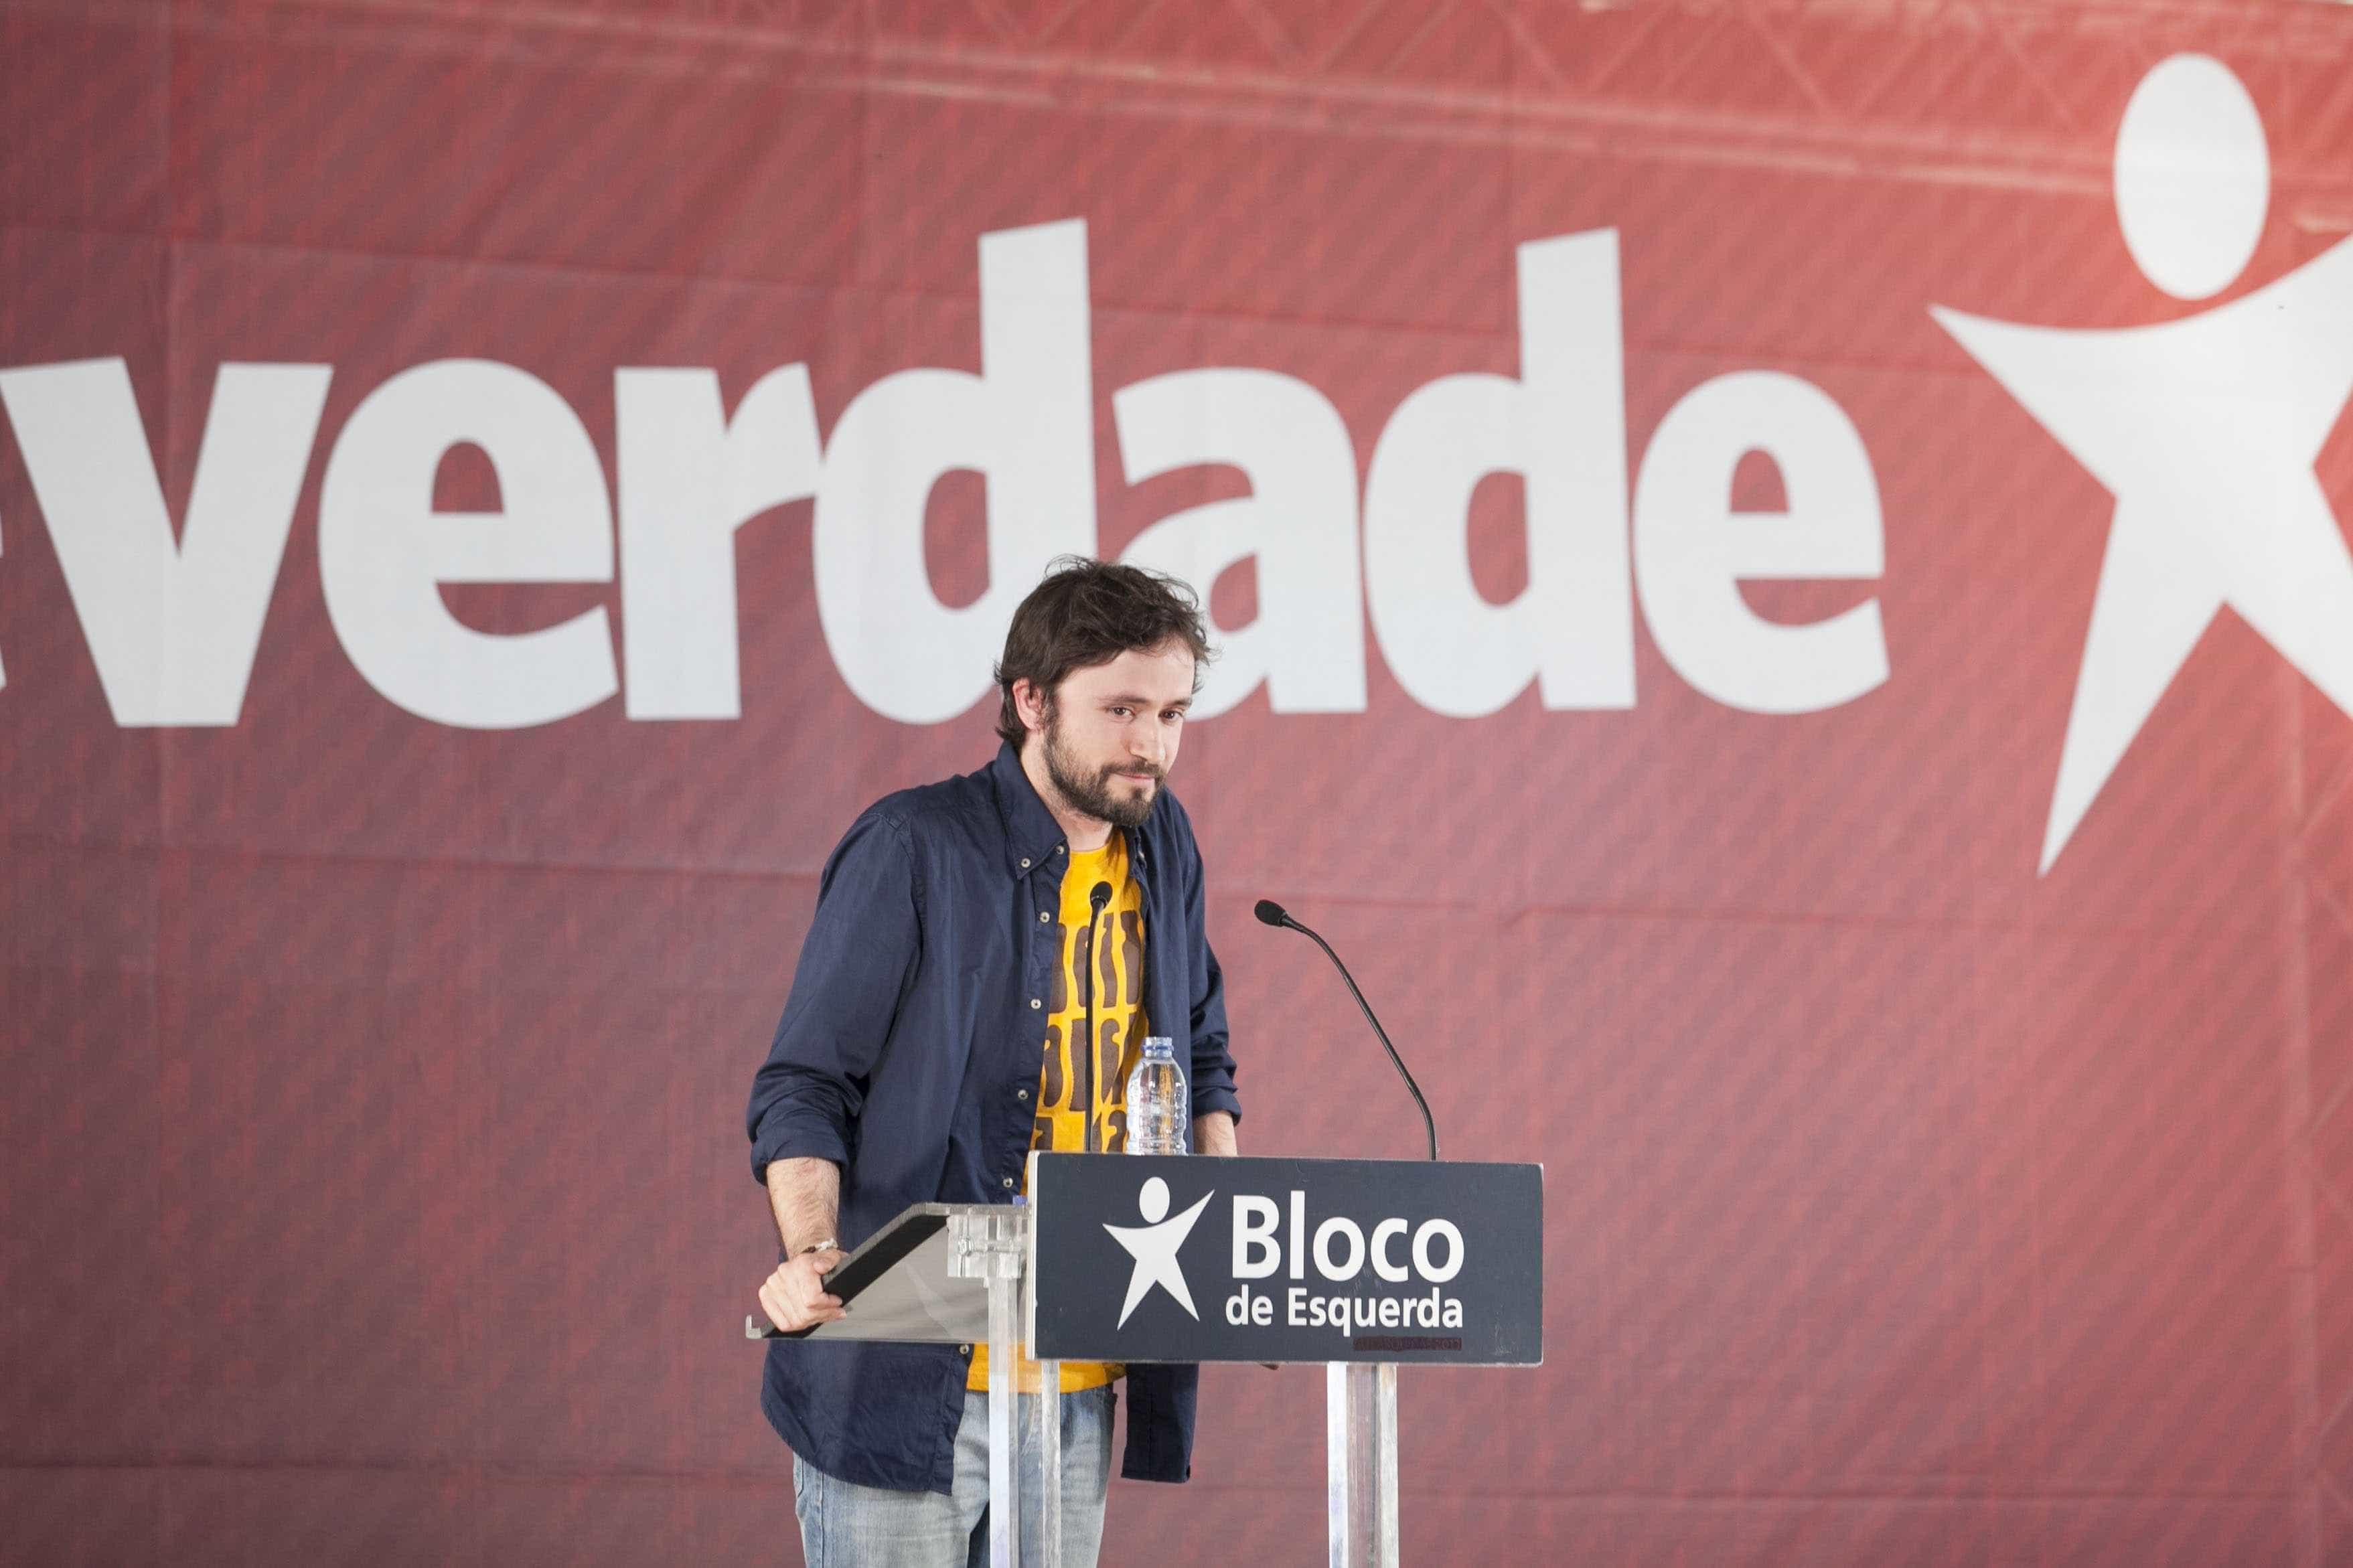 Bloco critica atraso do Governo no combate às disparidades salariais